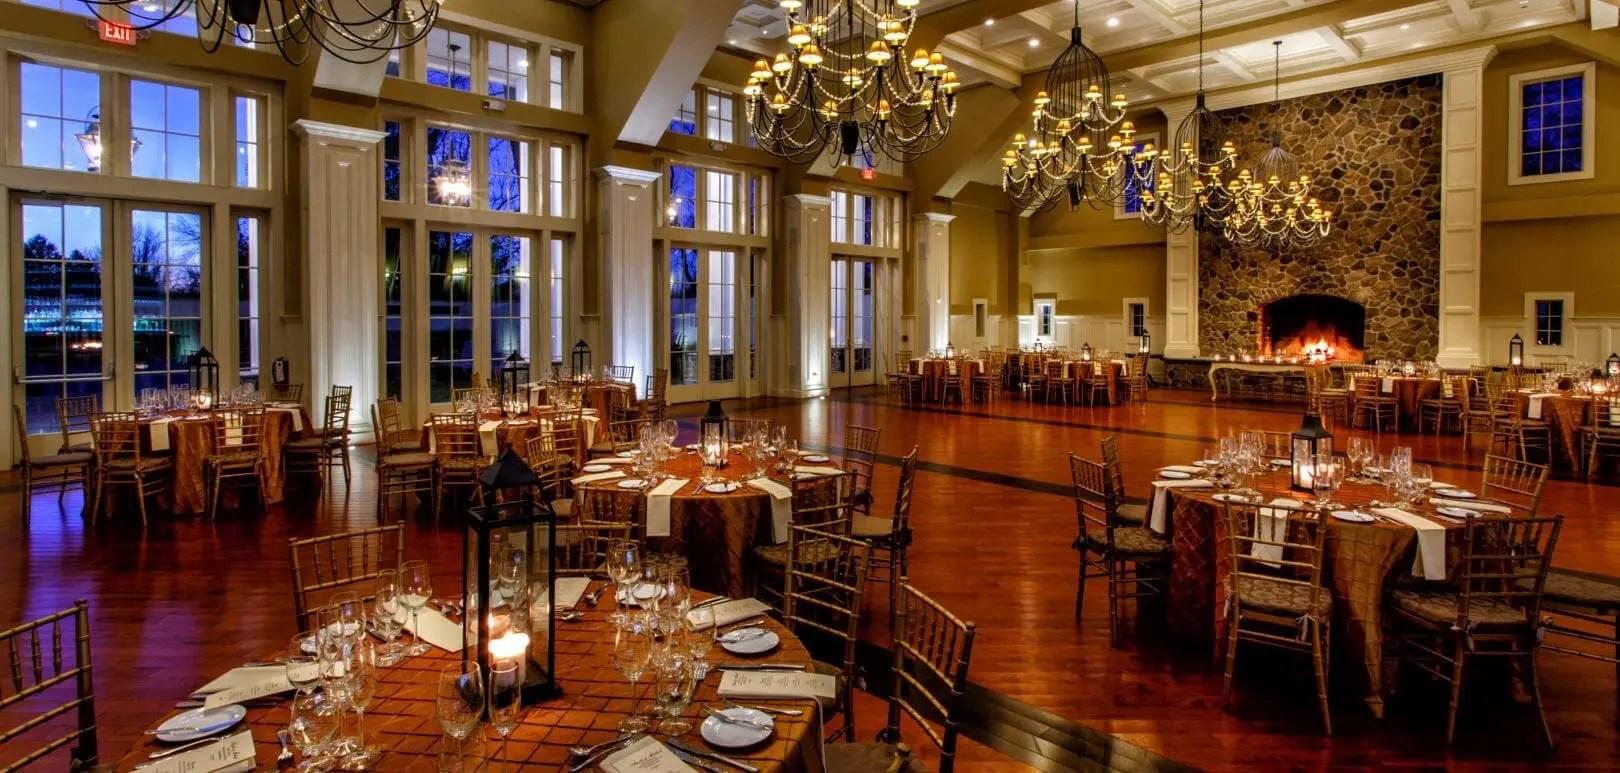 Wedding Halls In Nj | The Best New Jersey Wedding Venues Best Of Nj